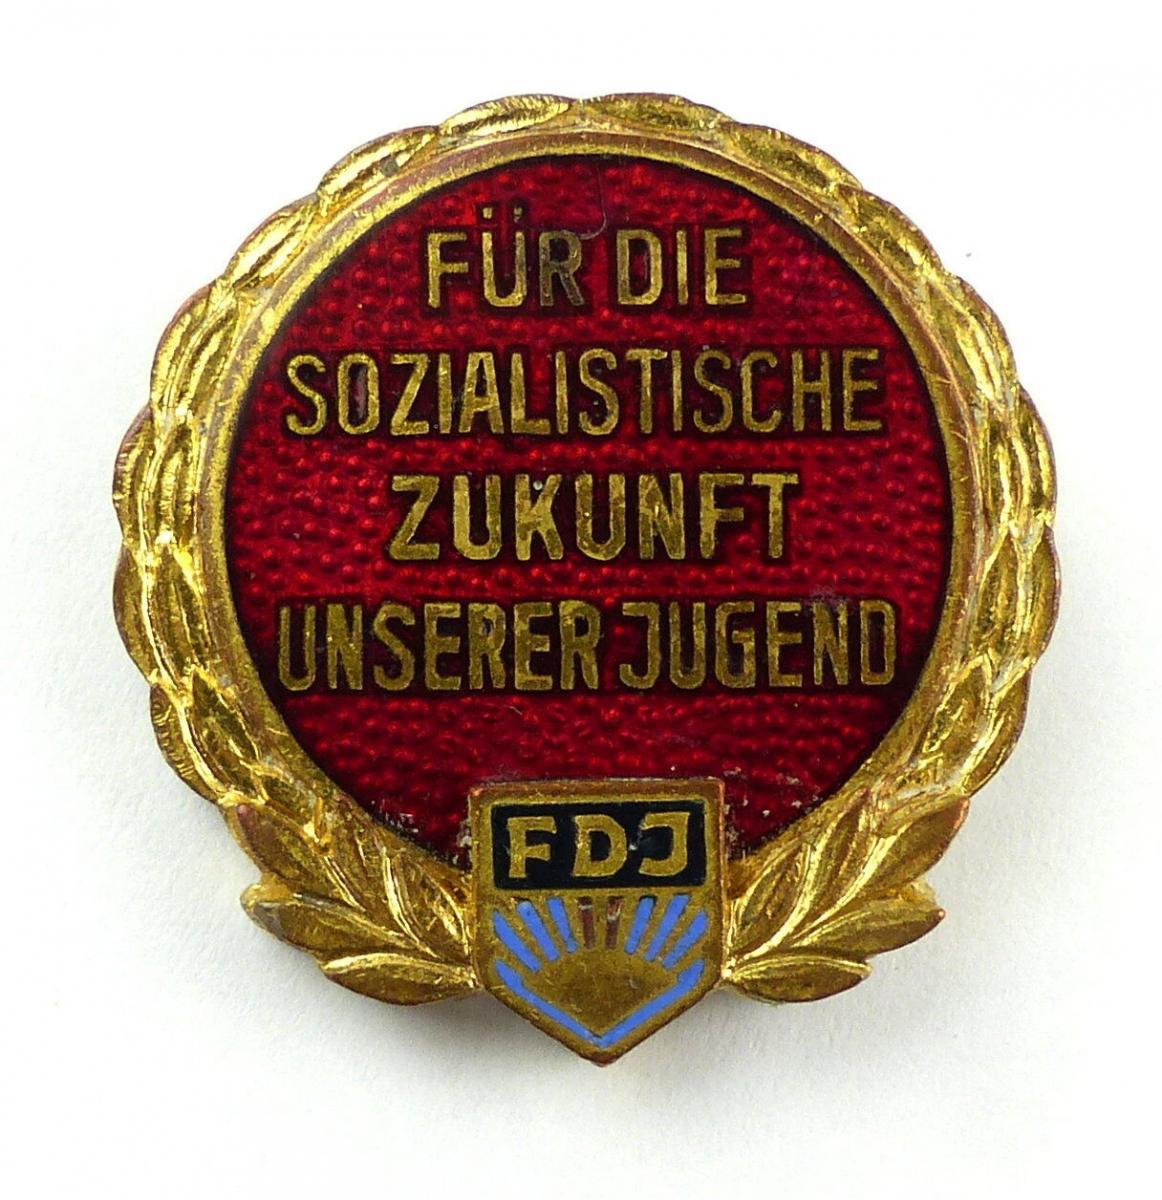 E9114 DDR Abzeichen für die sozialistische Zukunft unserer Jugend FDJ VNr. 1460